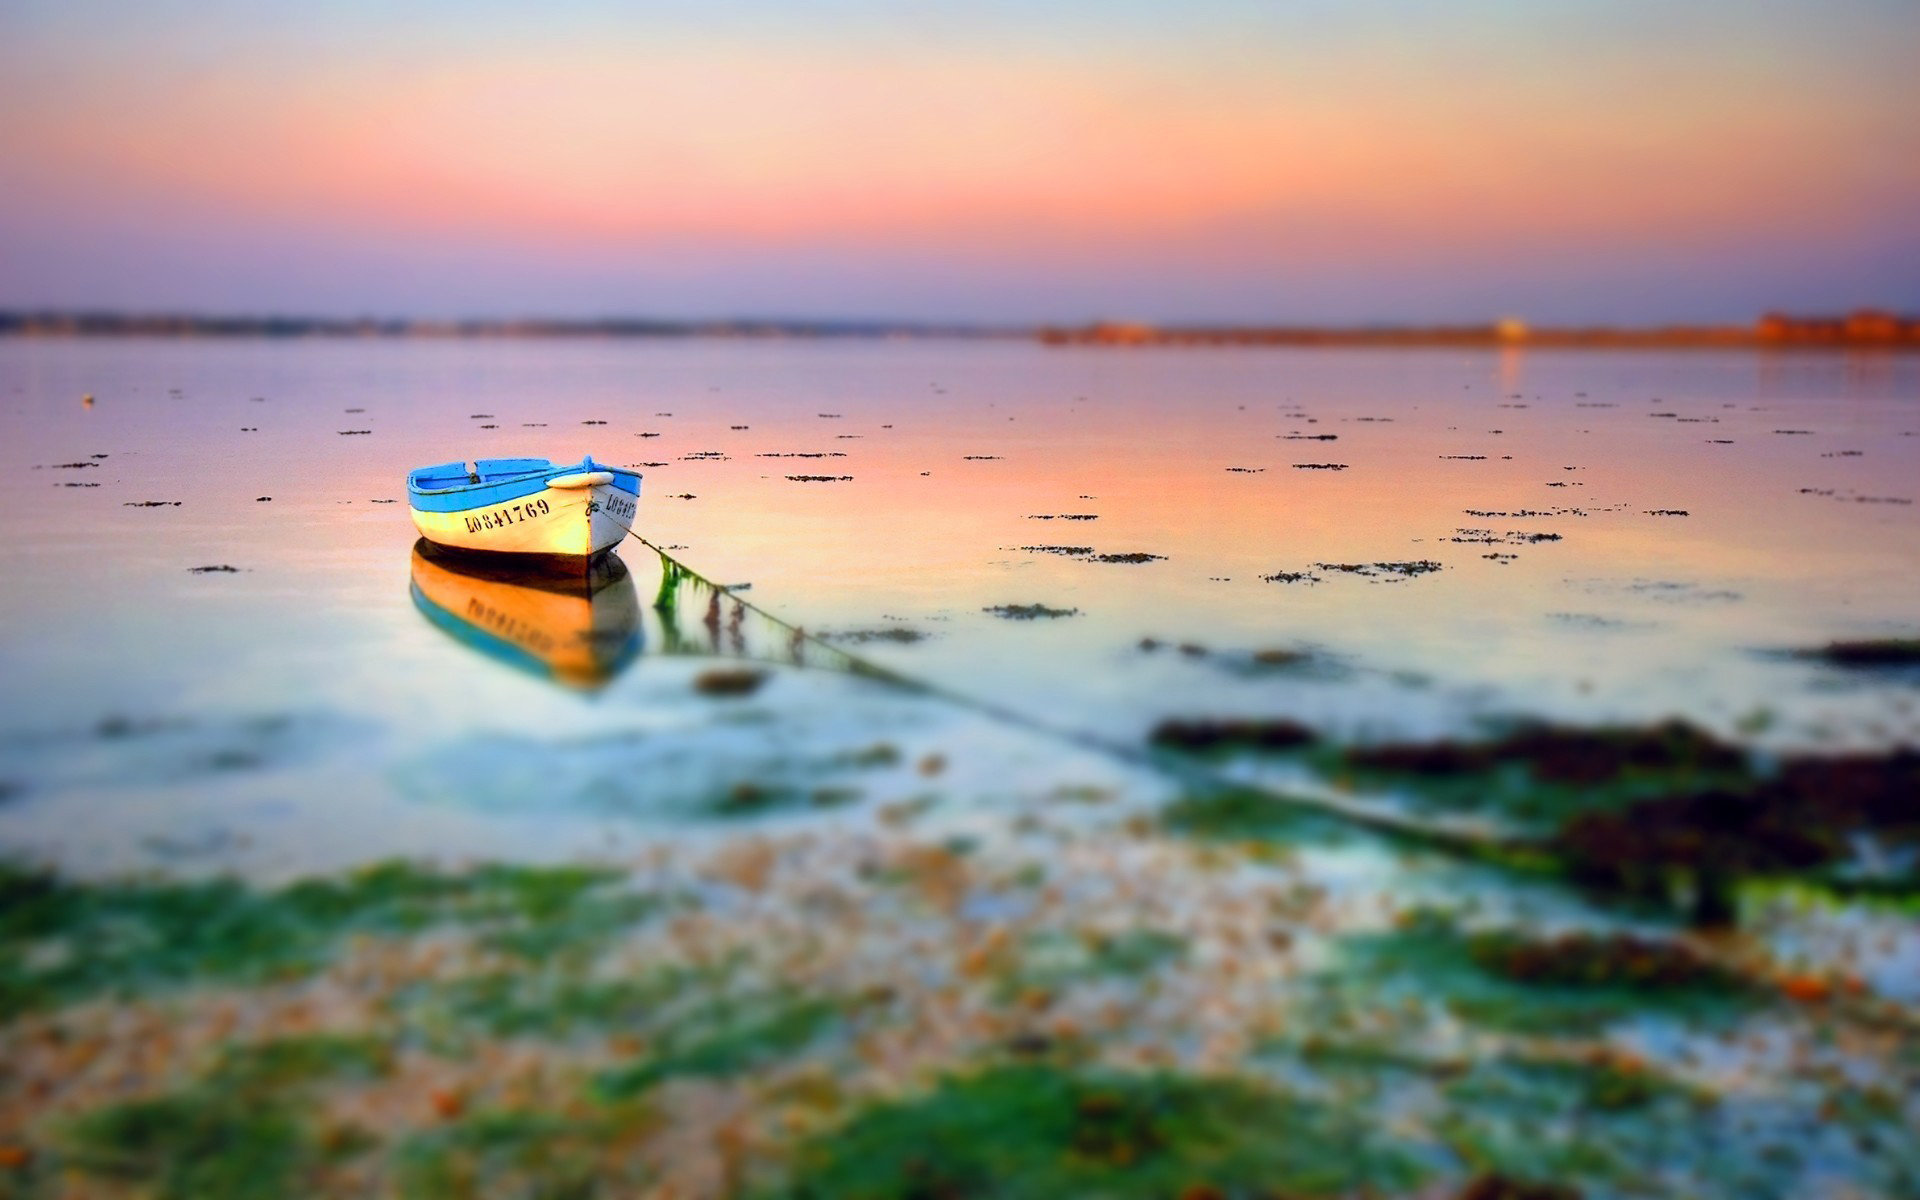 美丽山水风景图片 世界最漂亮的风景图片最好看的